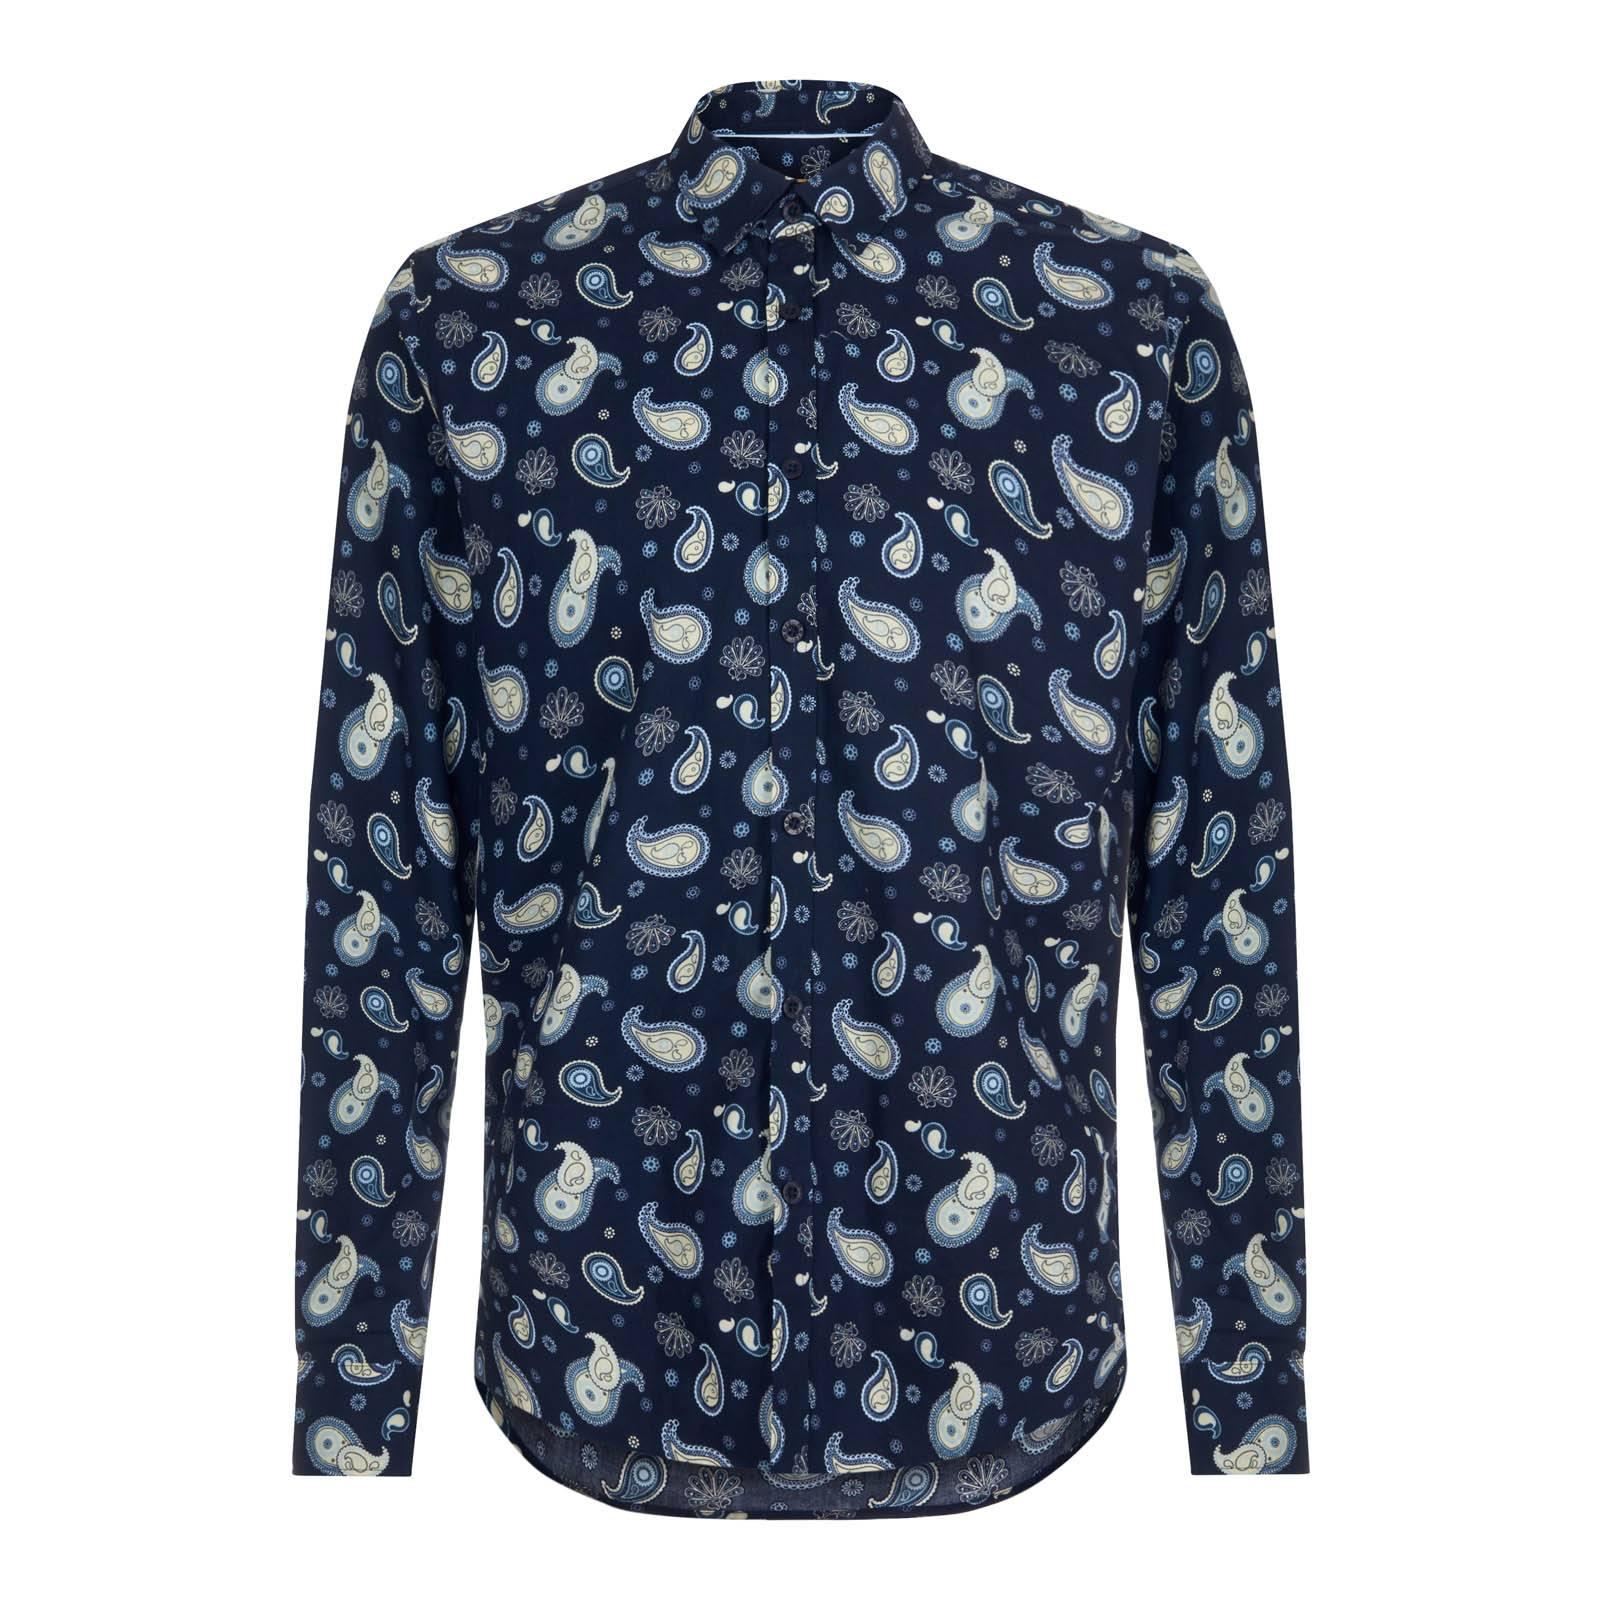 Рубашка KeanСлайдер на главной<br>Знаковая для бренда мужская рубашка с узором paisley — символом британской моды «Свингующих Шестидесятых» и наших дней. Изготовлена из высококачественной рубашечной ткани поплин ¬— шелковистой, приятной на ощупь и долговечной. Имеет укороченный воротник Кент и приталенный покрой. Крайне эффектное решение знаменитого орнамента на основе крупных, несоприкасающиеся друг с другом контрастных элементов, положенных на основу благородного синего цвета, выделяют эту модель среди прочих пейсли сорочек, произведенных брендом за последние годы. Благодаря удлиненной спинке надежно заправляется в брюки. Также носится и навыпуск с чиносами или темным денимом. Эта парадная модель отлично подойдет для выхода в свет в комплекте с smart casual пиджаком, лоферами или брогами, кромби, тренчем или макинтошем.<br><br>Артикул: 1512207<br>Материал: 100% хлопок<br>Цвет: синий<br>Пол: Мужской